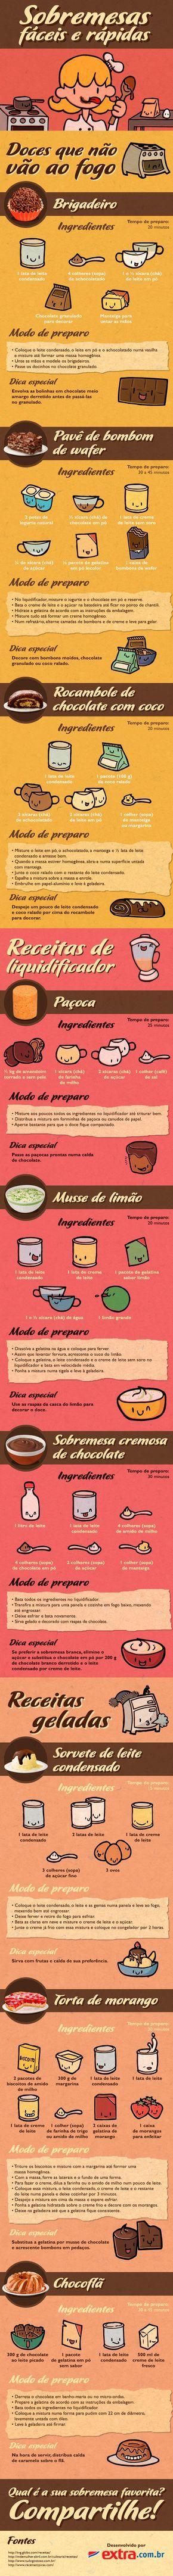 *****Aprenda diversas receitas de sobremesas deliciosas! Tem brigadeiro, pavê de wafer, torta de morango e muito mais! Leia, prepare e experimente!